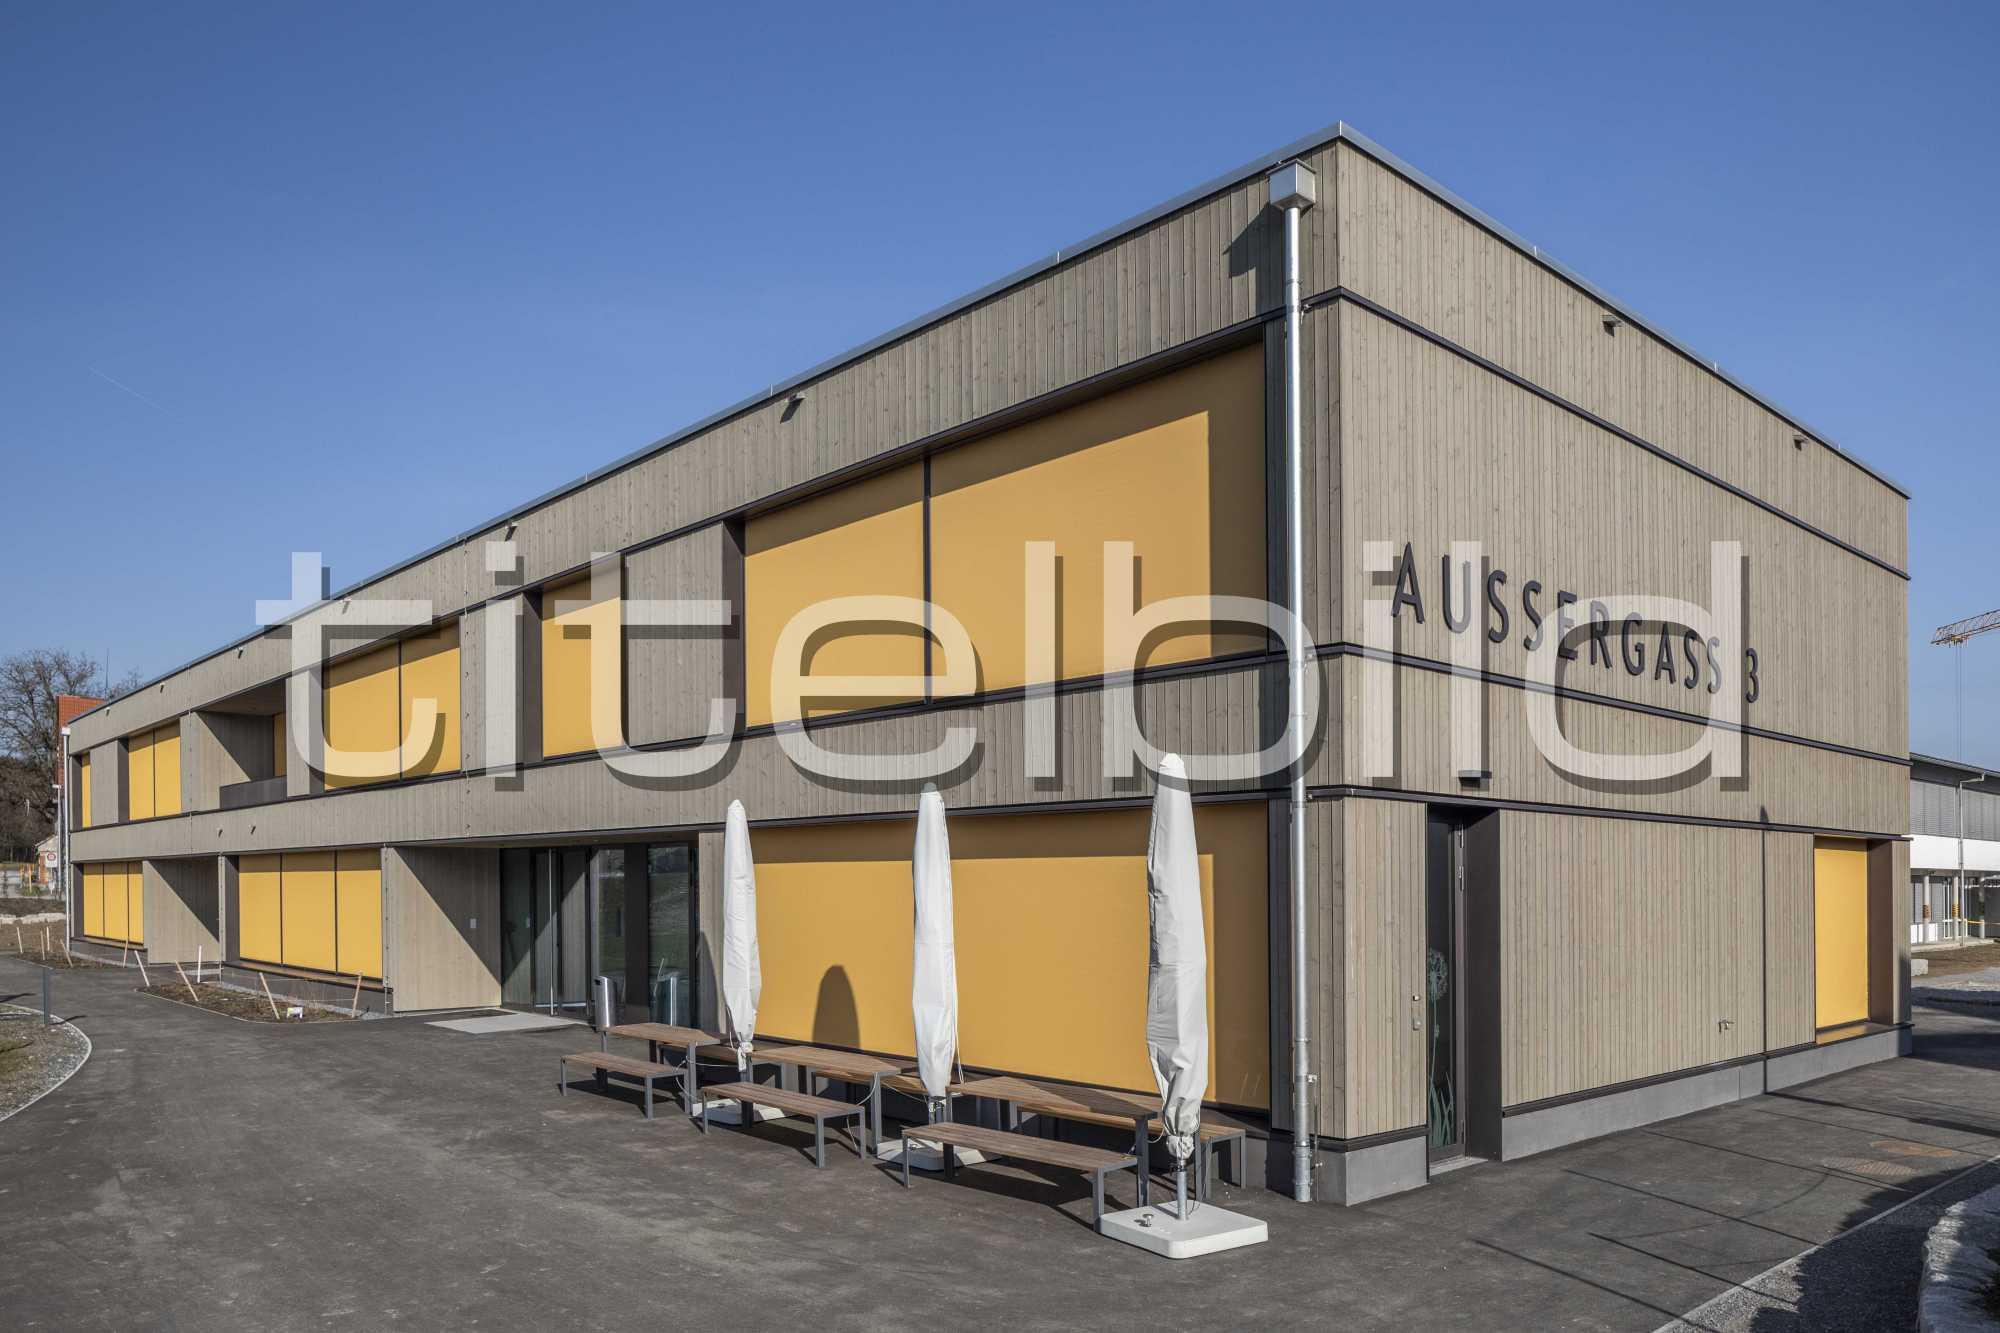 Projektbild-Nr. 6: Schulraum Aussergass, Grüningen